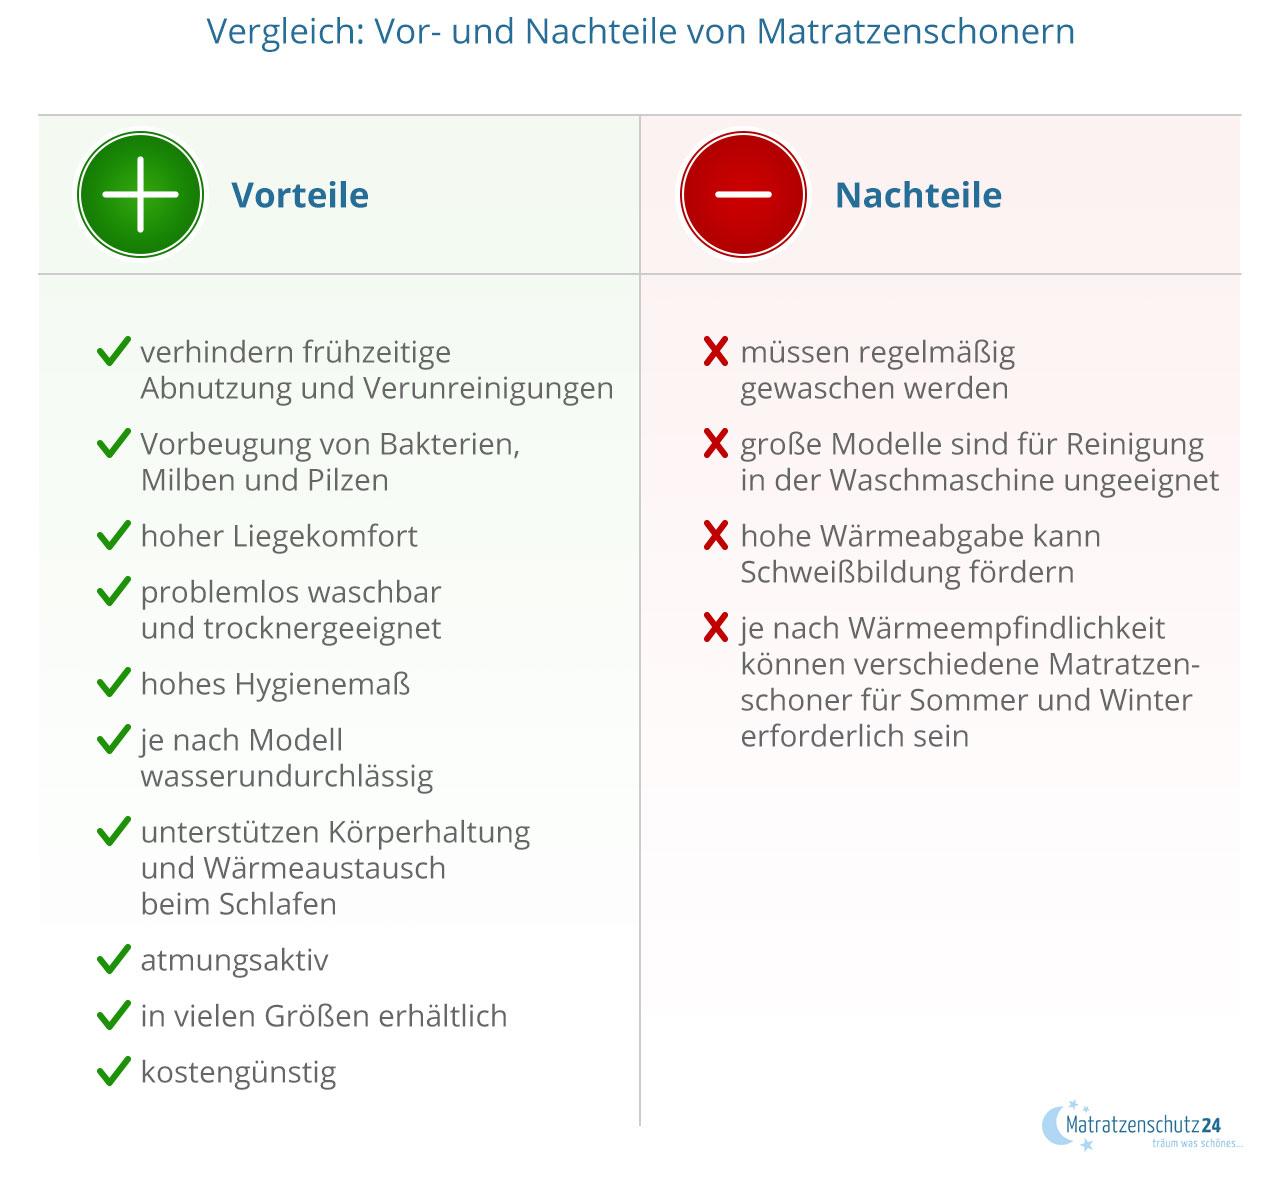 orteile und Nachteile von Matratzenschonern und Matratzenauflagen im Vergleich